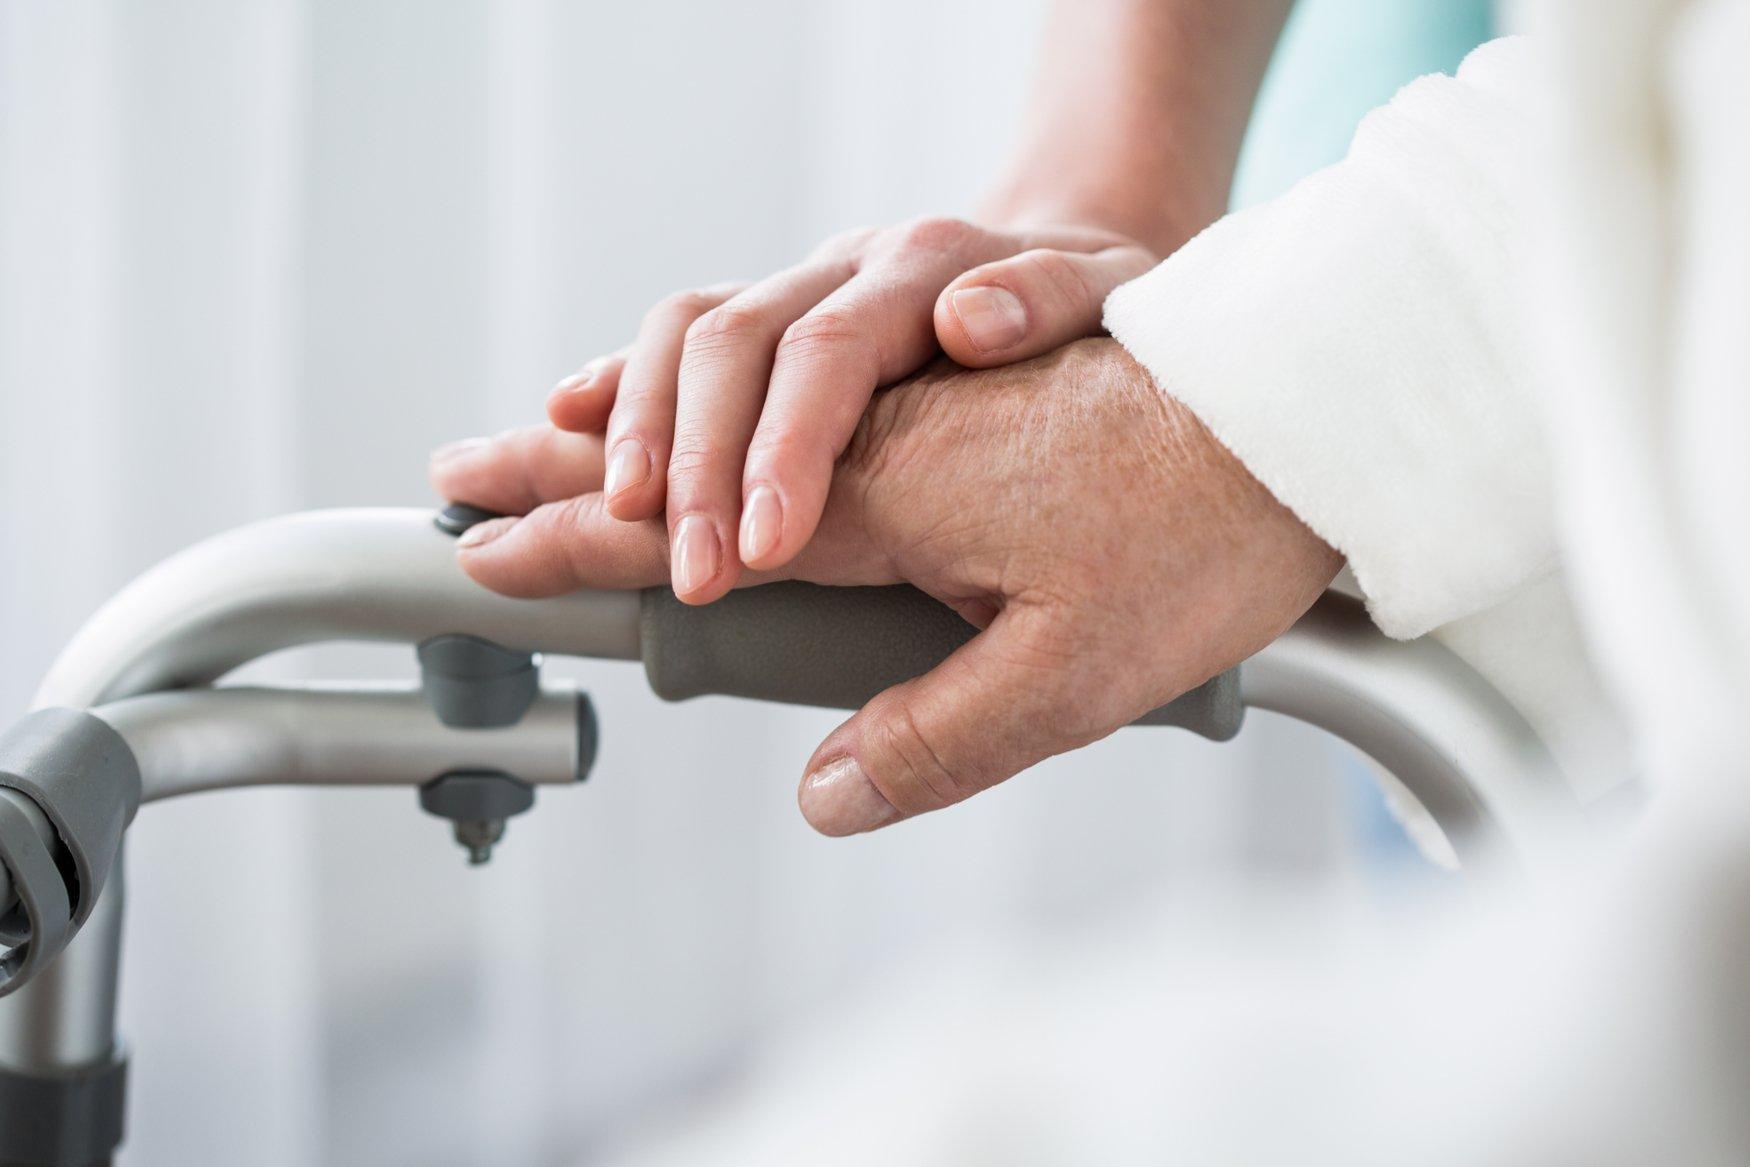 Patient Care & Nursing Services